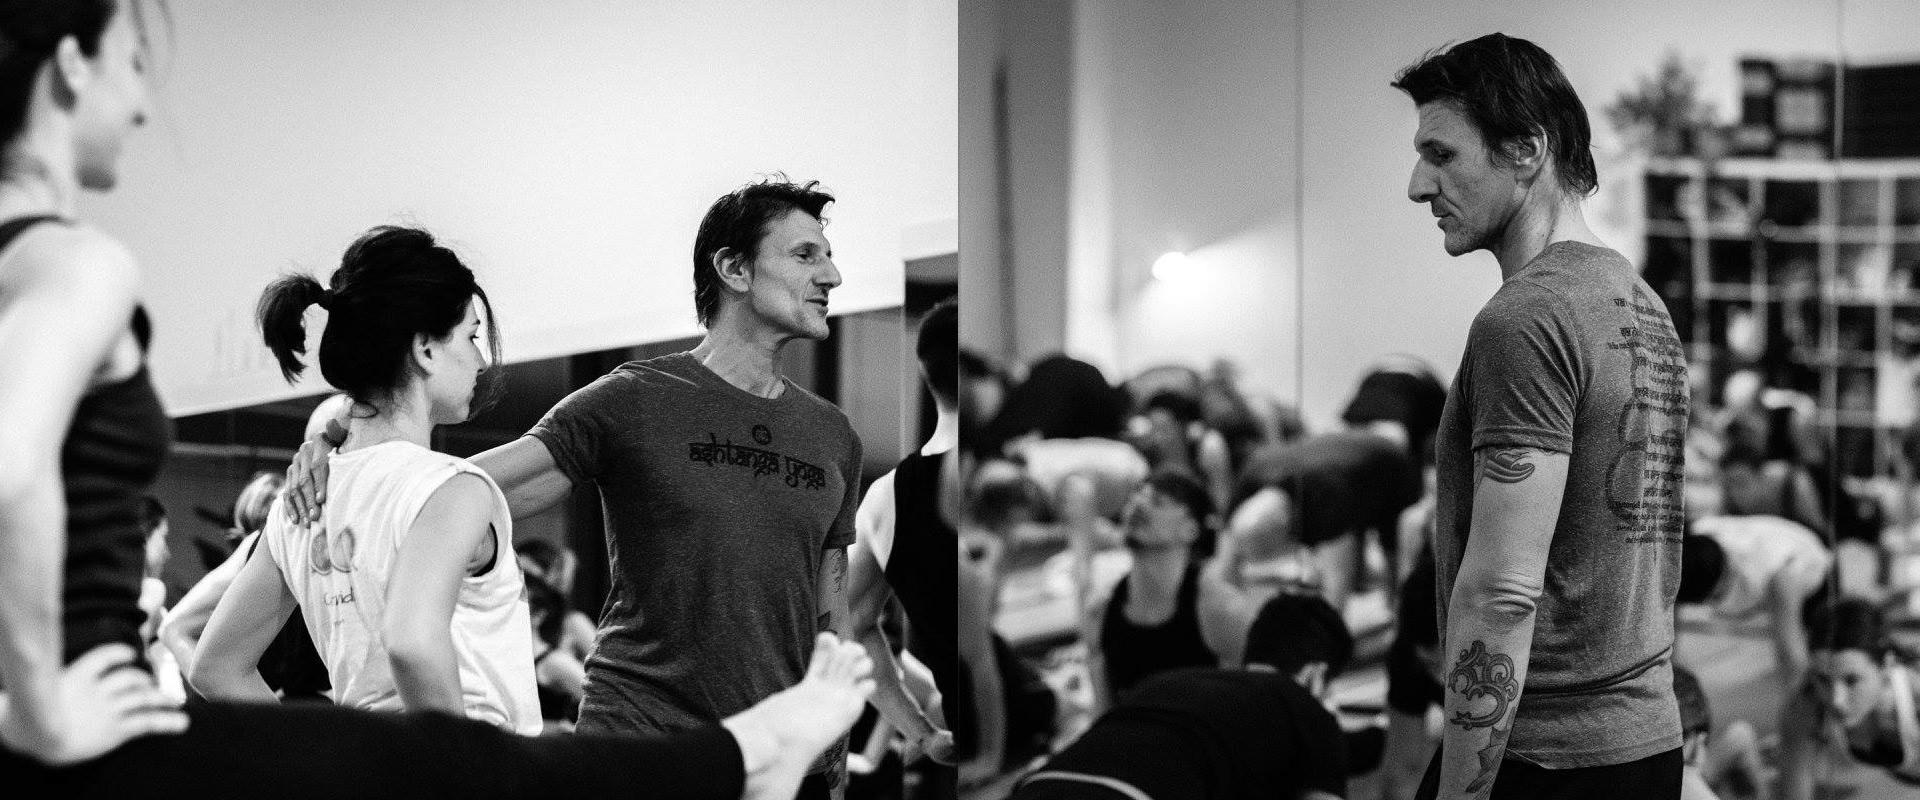 Roberto Bocchi durante una lezione di Ashtanga Yoga